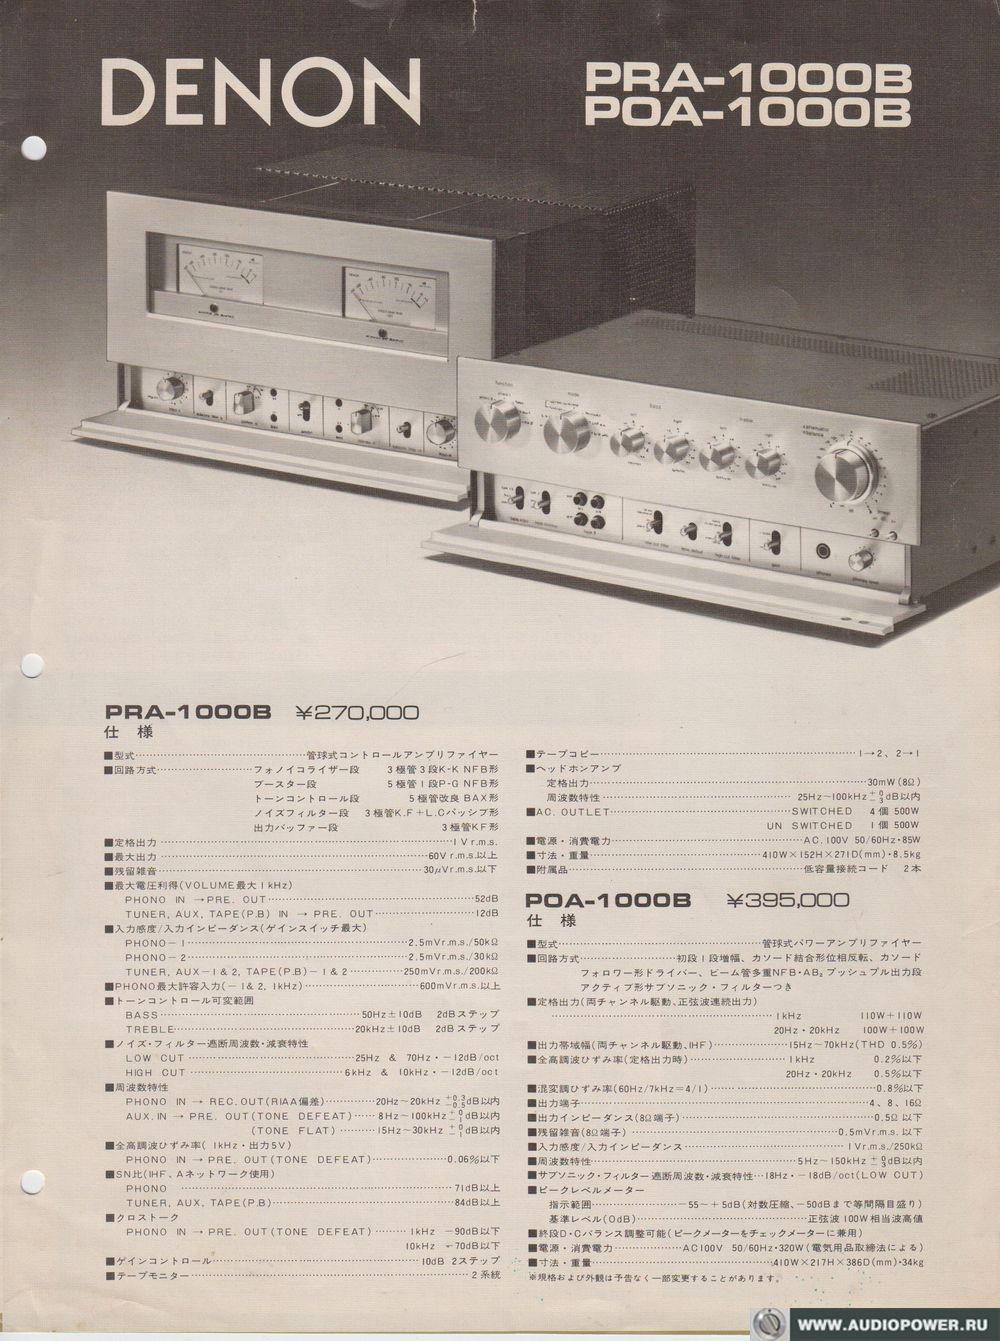 GUERRA CIVIL JAPONESA DEL AUDIO (70,s 80,s) - Página 14 001